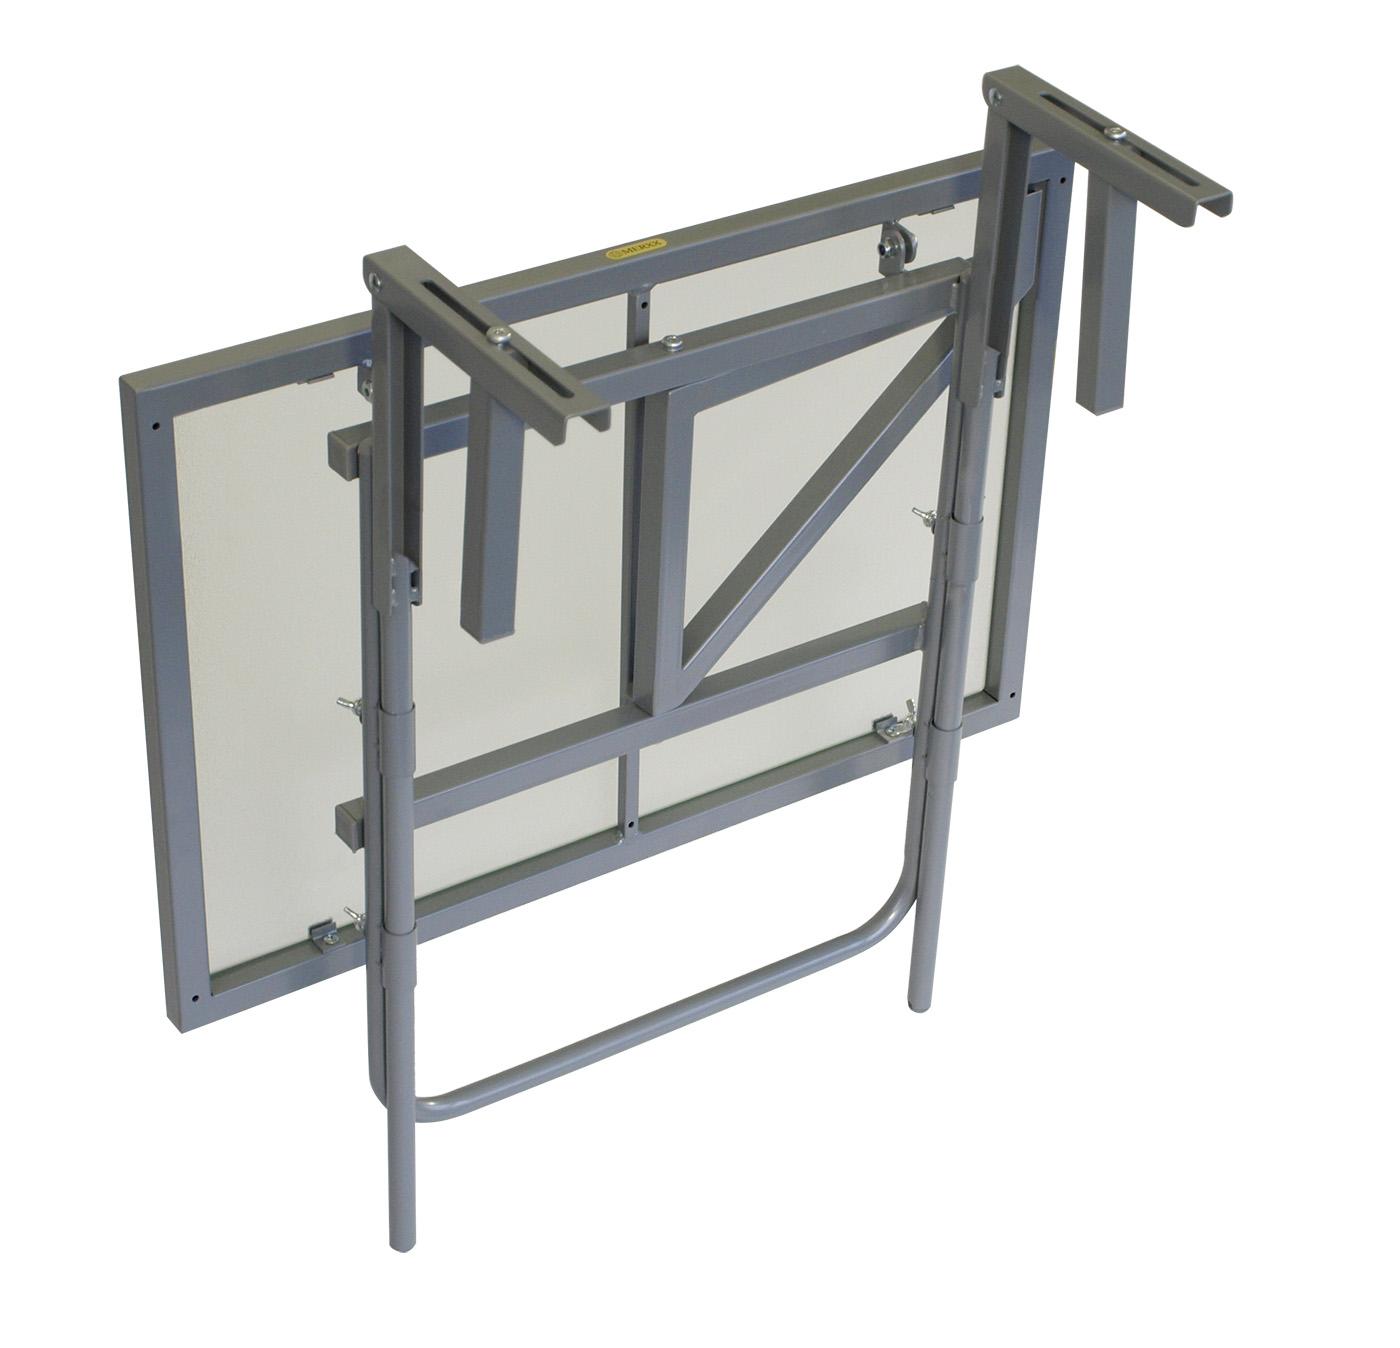 Balkontisch metall  Balkonhängetisch Balkontisch Balkonklapptisch 60x40cm, Metall + Glas ...